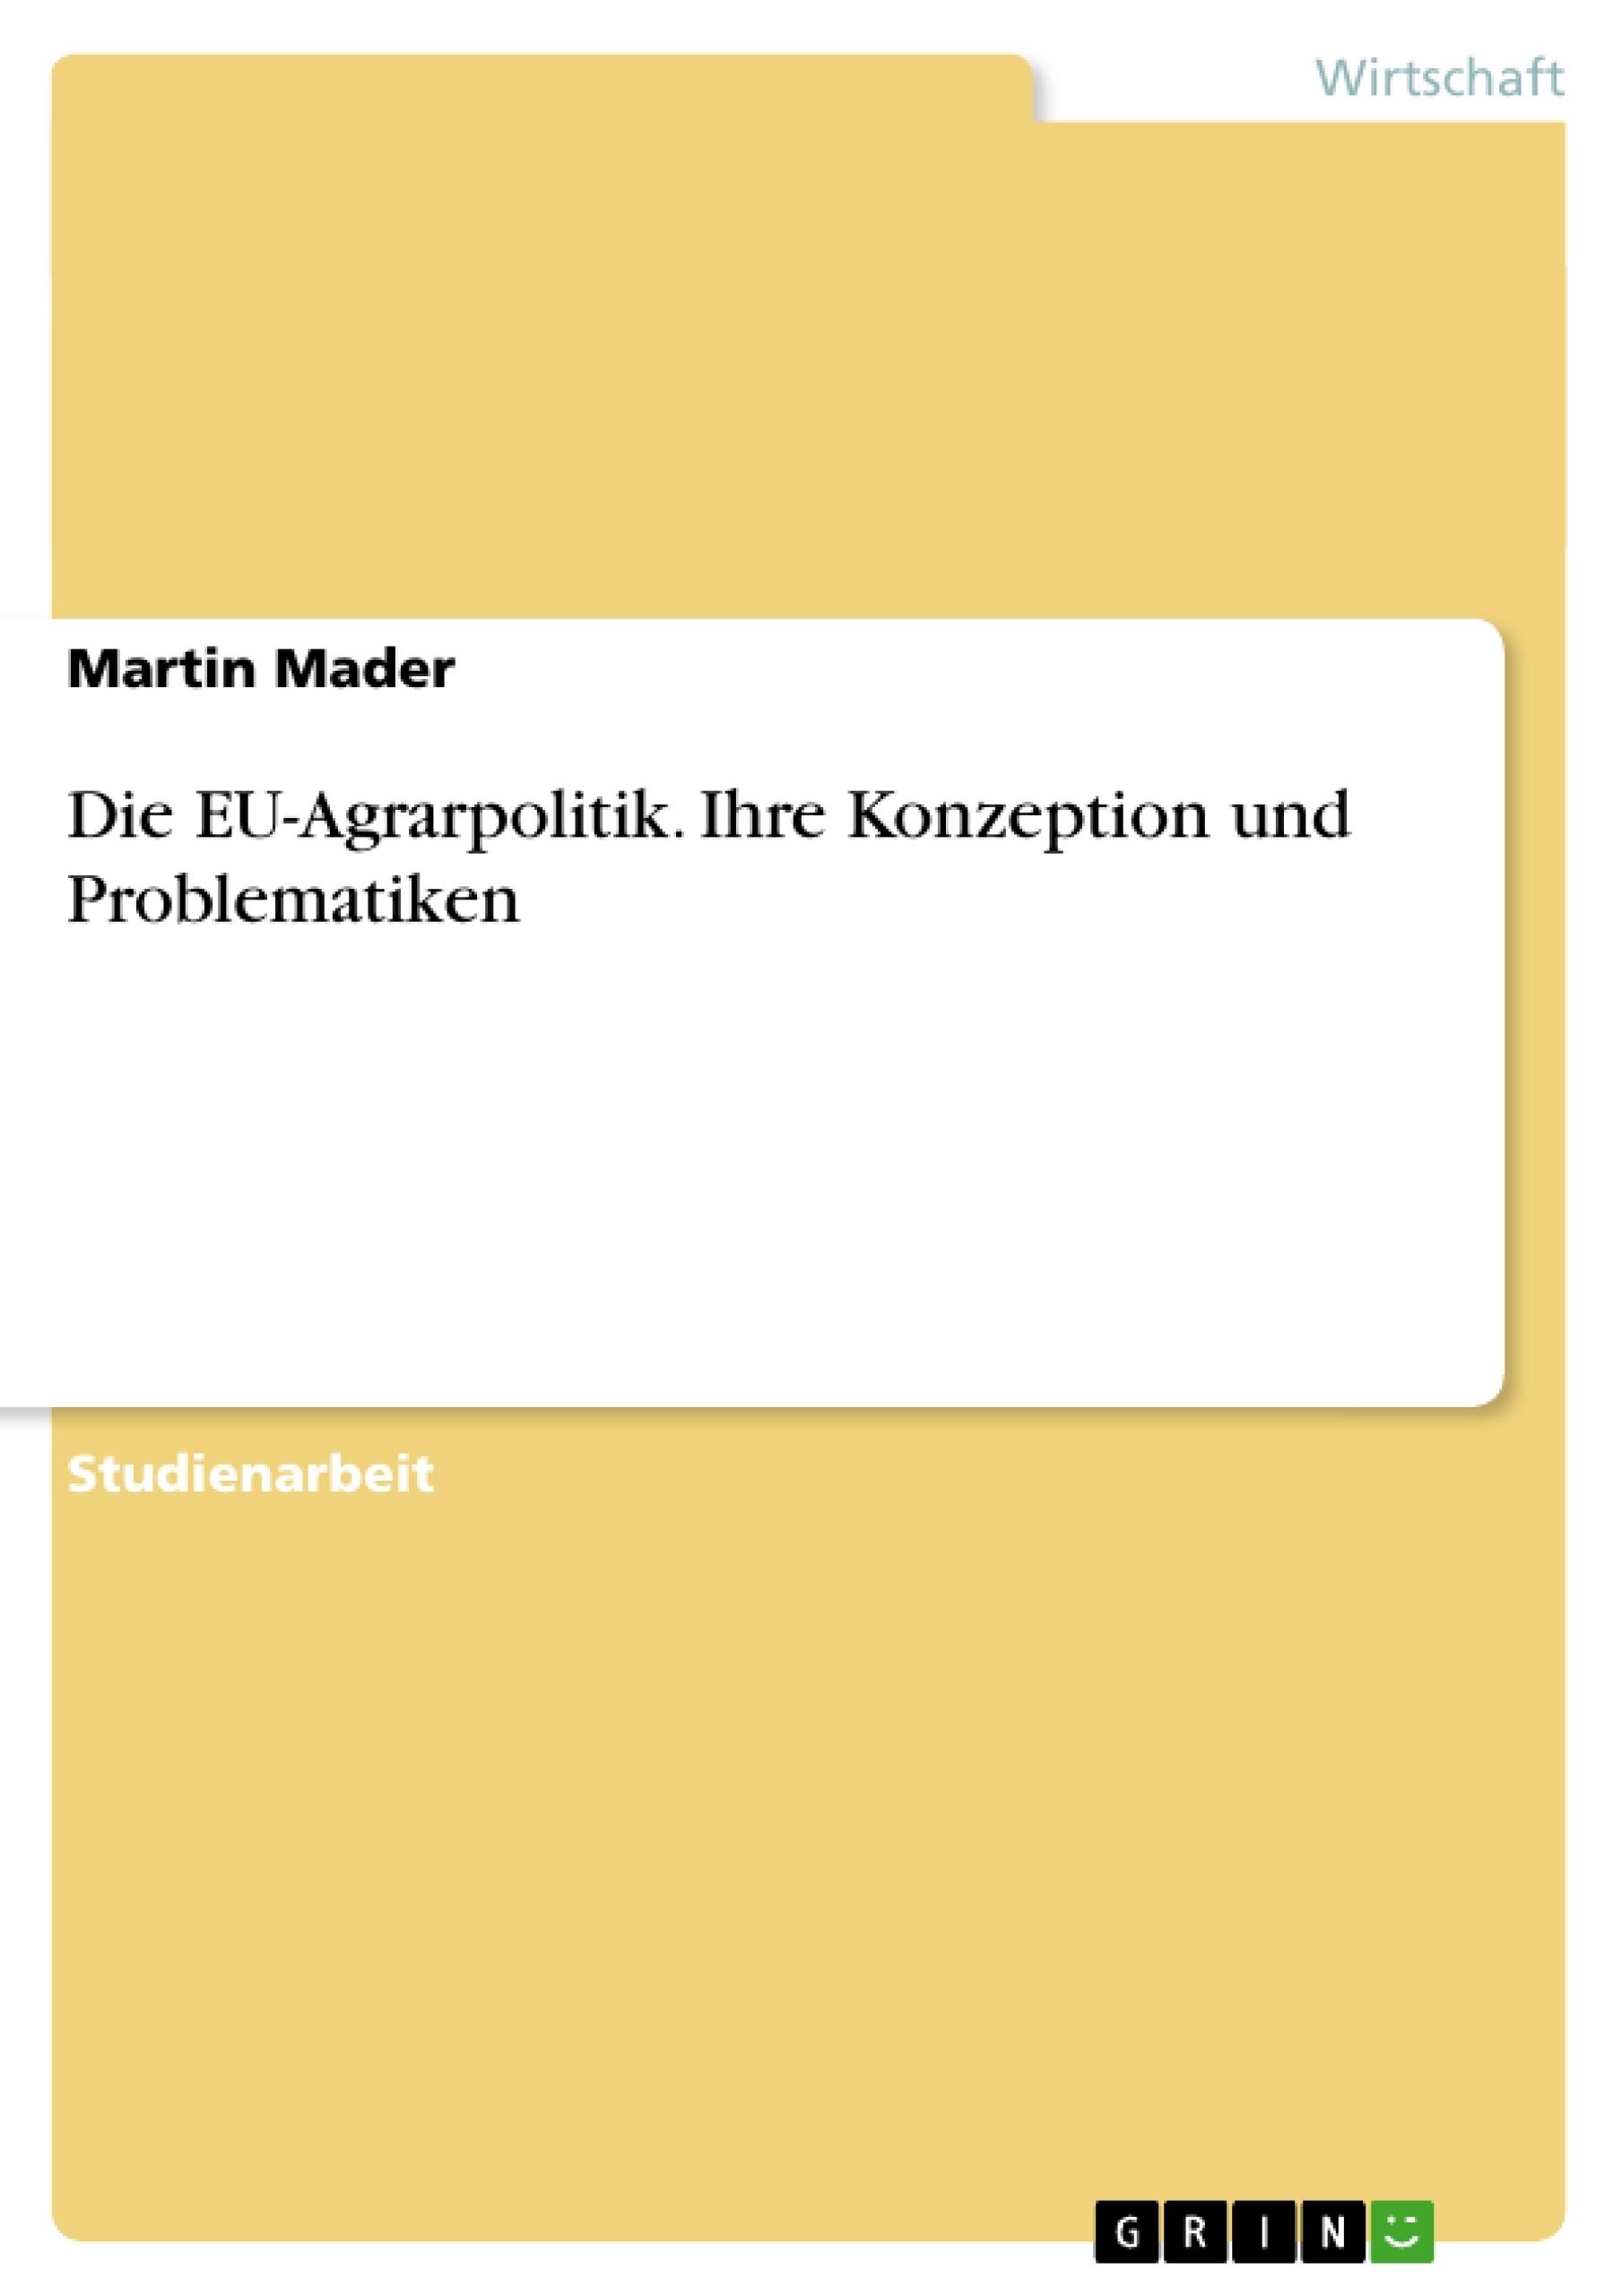 Titel: Die EU-Agrarpolitik. Ihre Konzeption und Problematiken